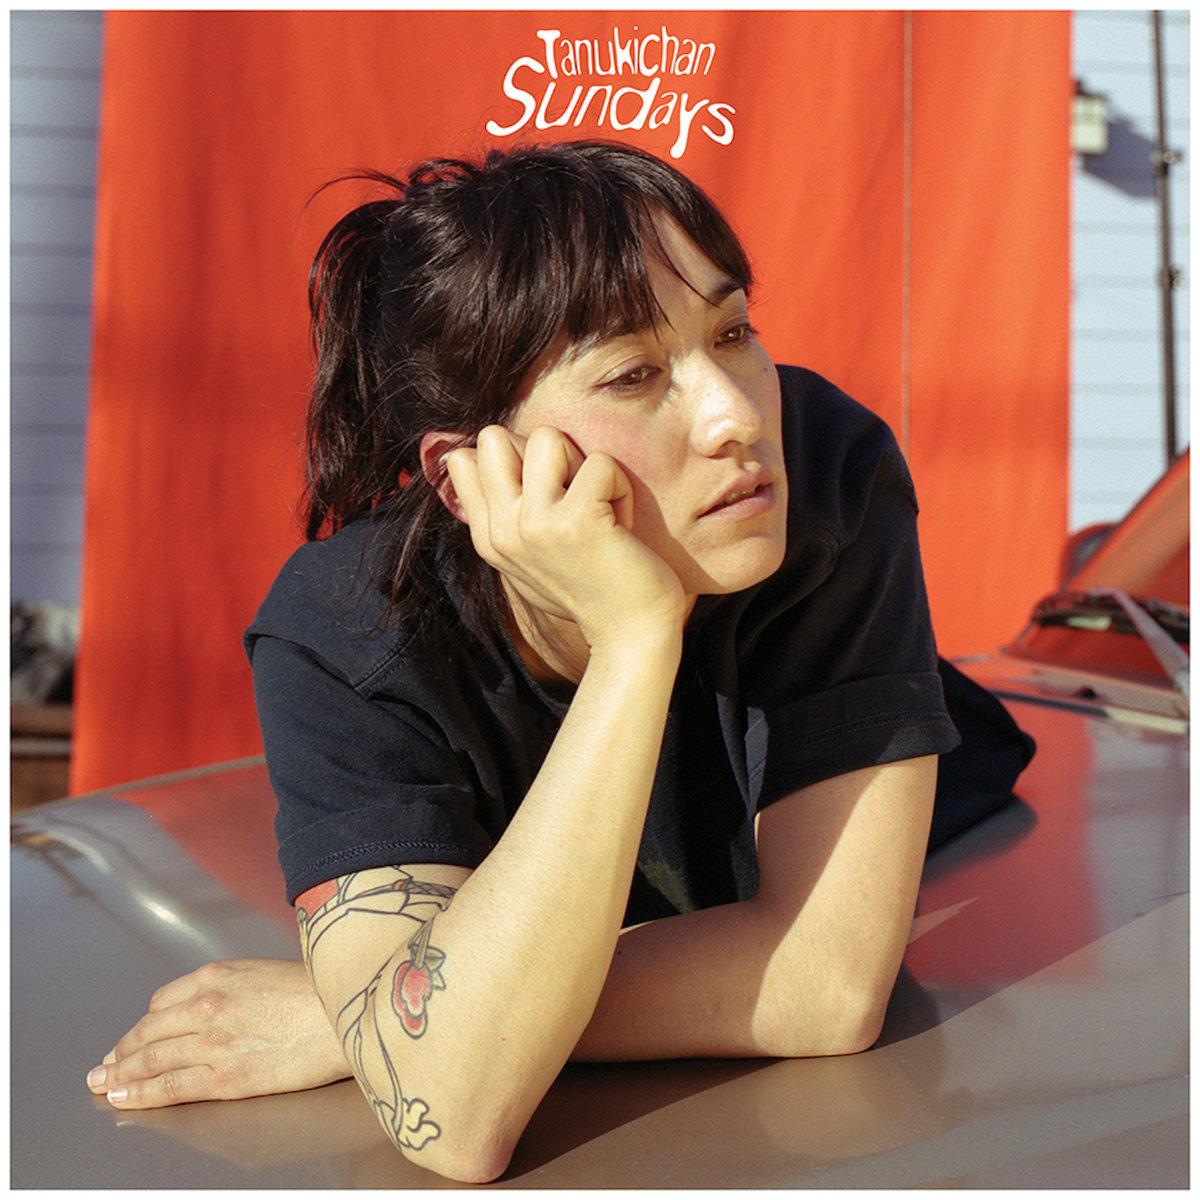 Tanukichan / Sundays(LP)